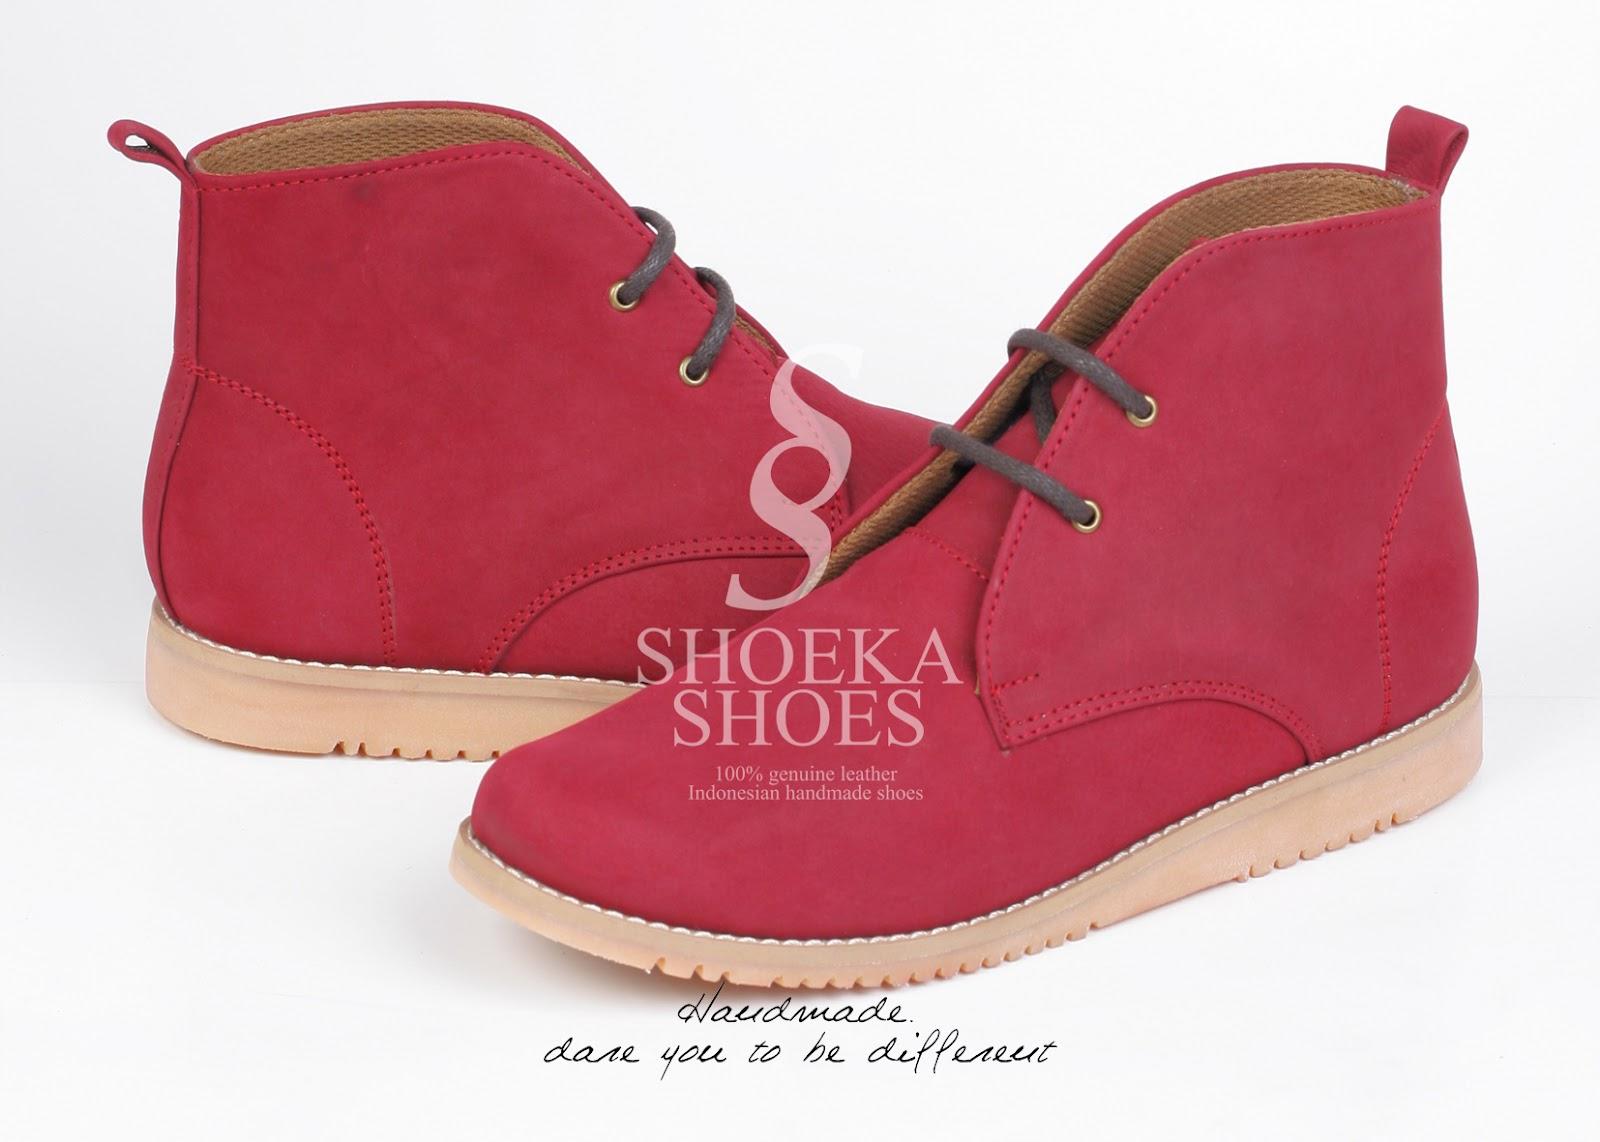 ... sepatu+korea,+sepatu+korea+online,+sepatu+wanita+korea,+orlando+boots